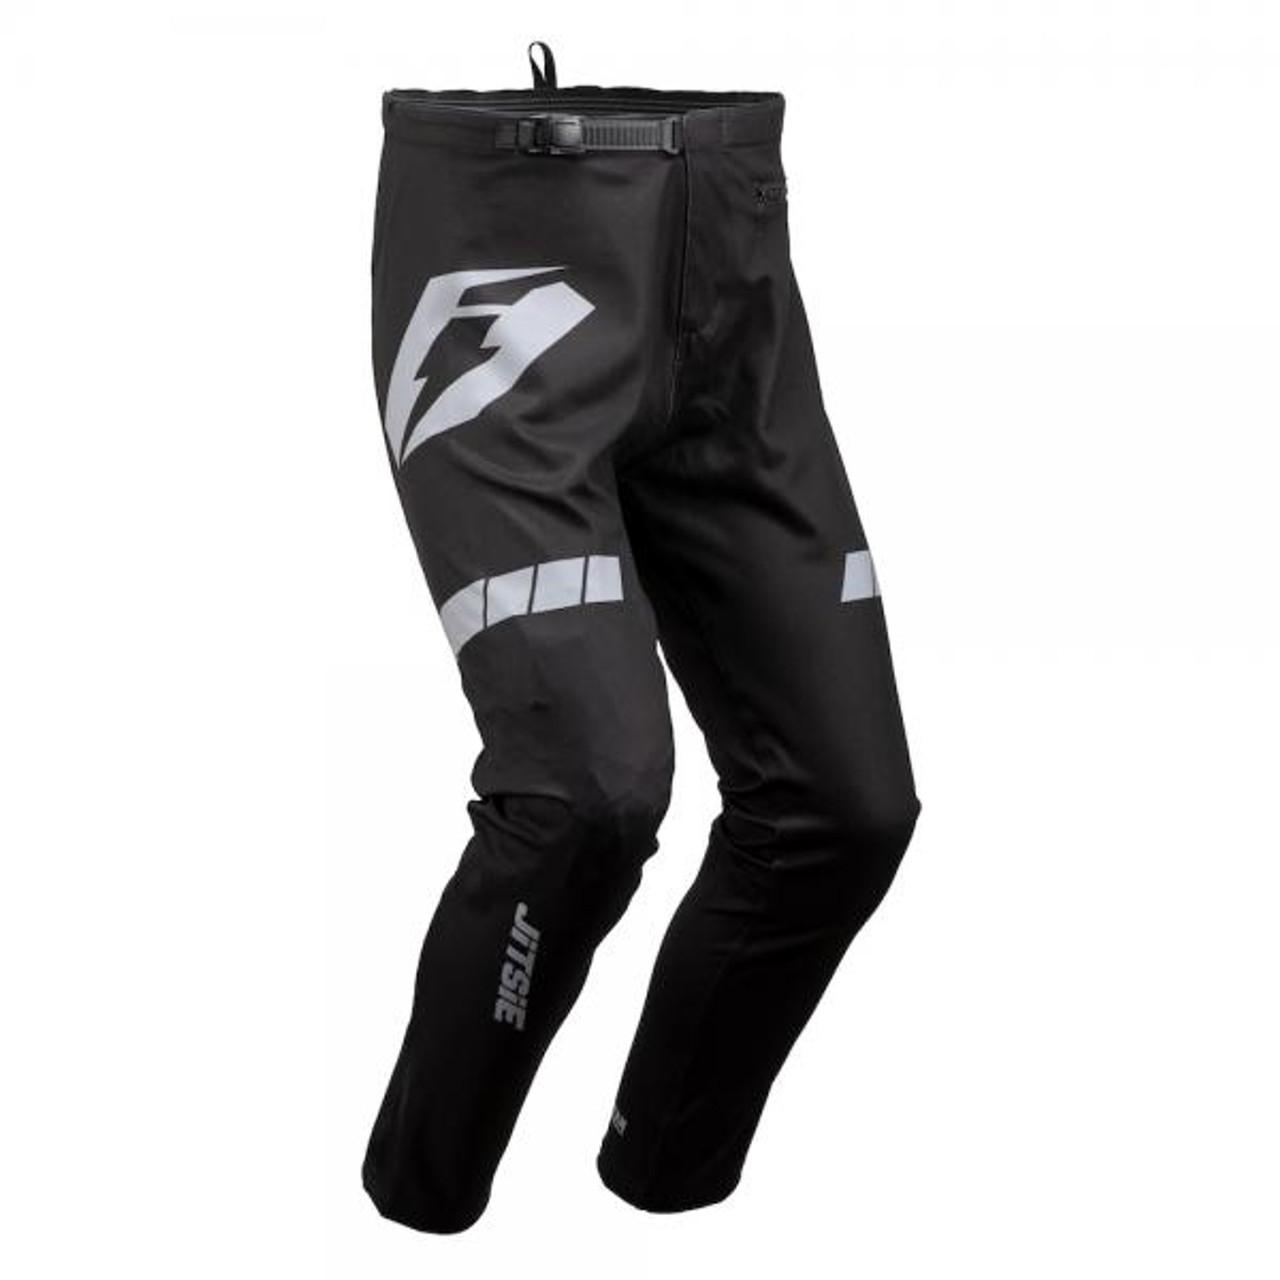 2019 Pants L3 Triztan, black/ silver